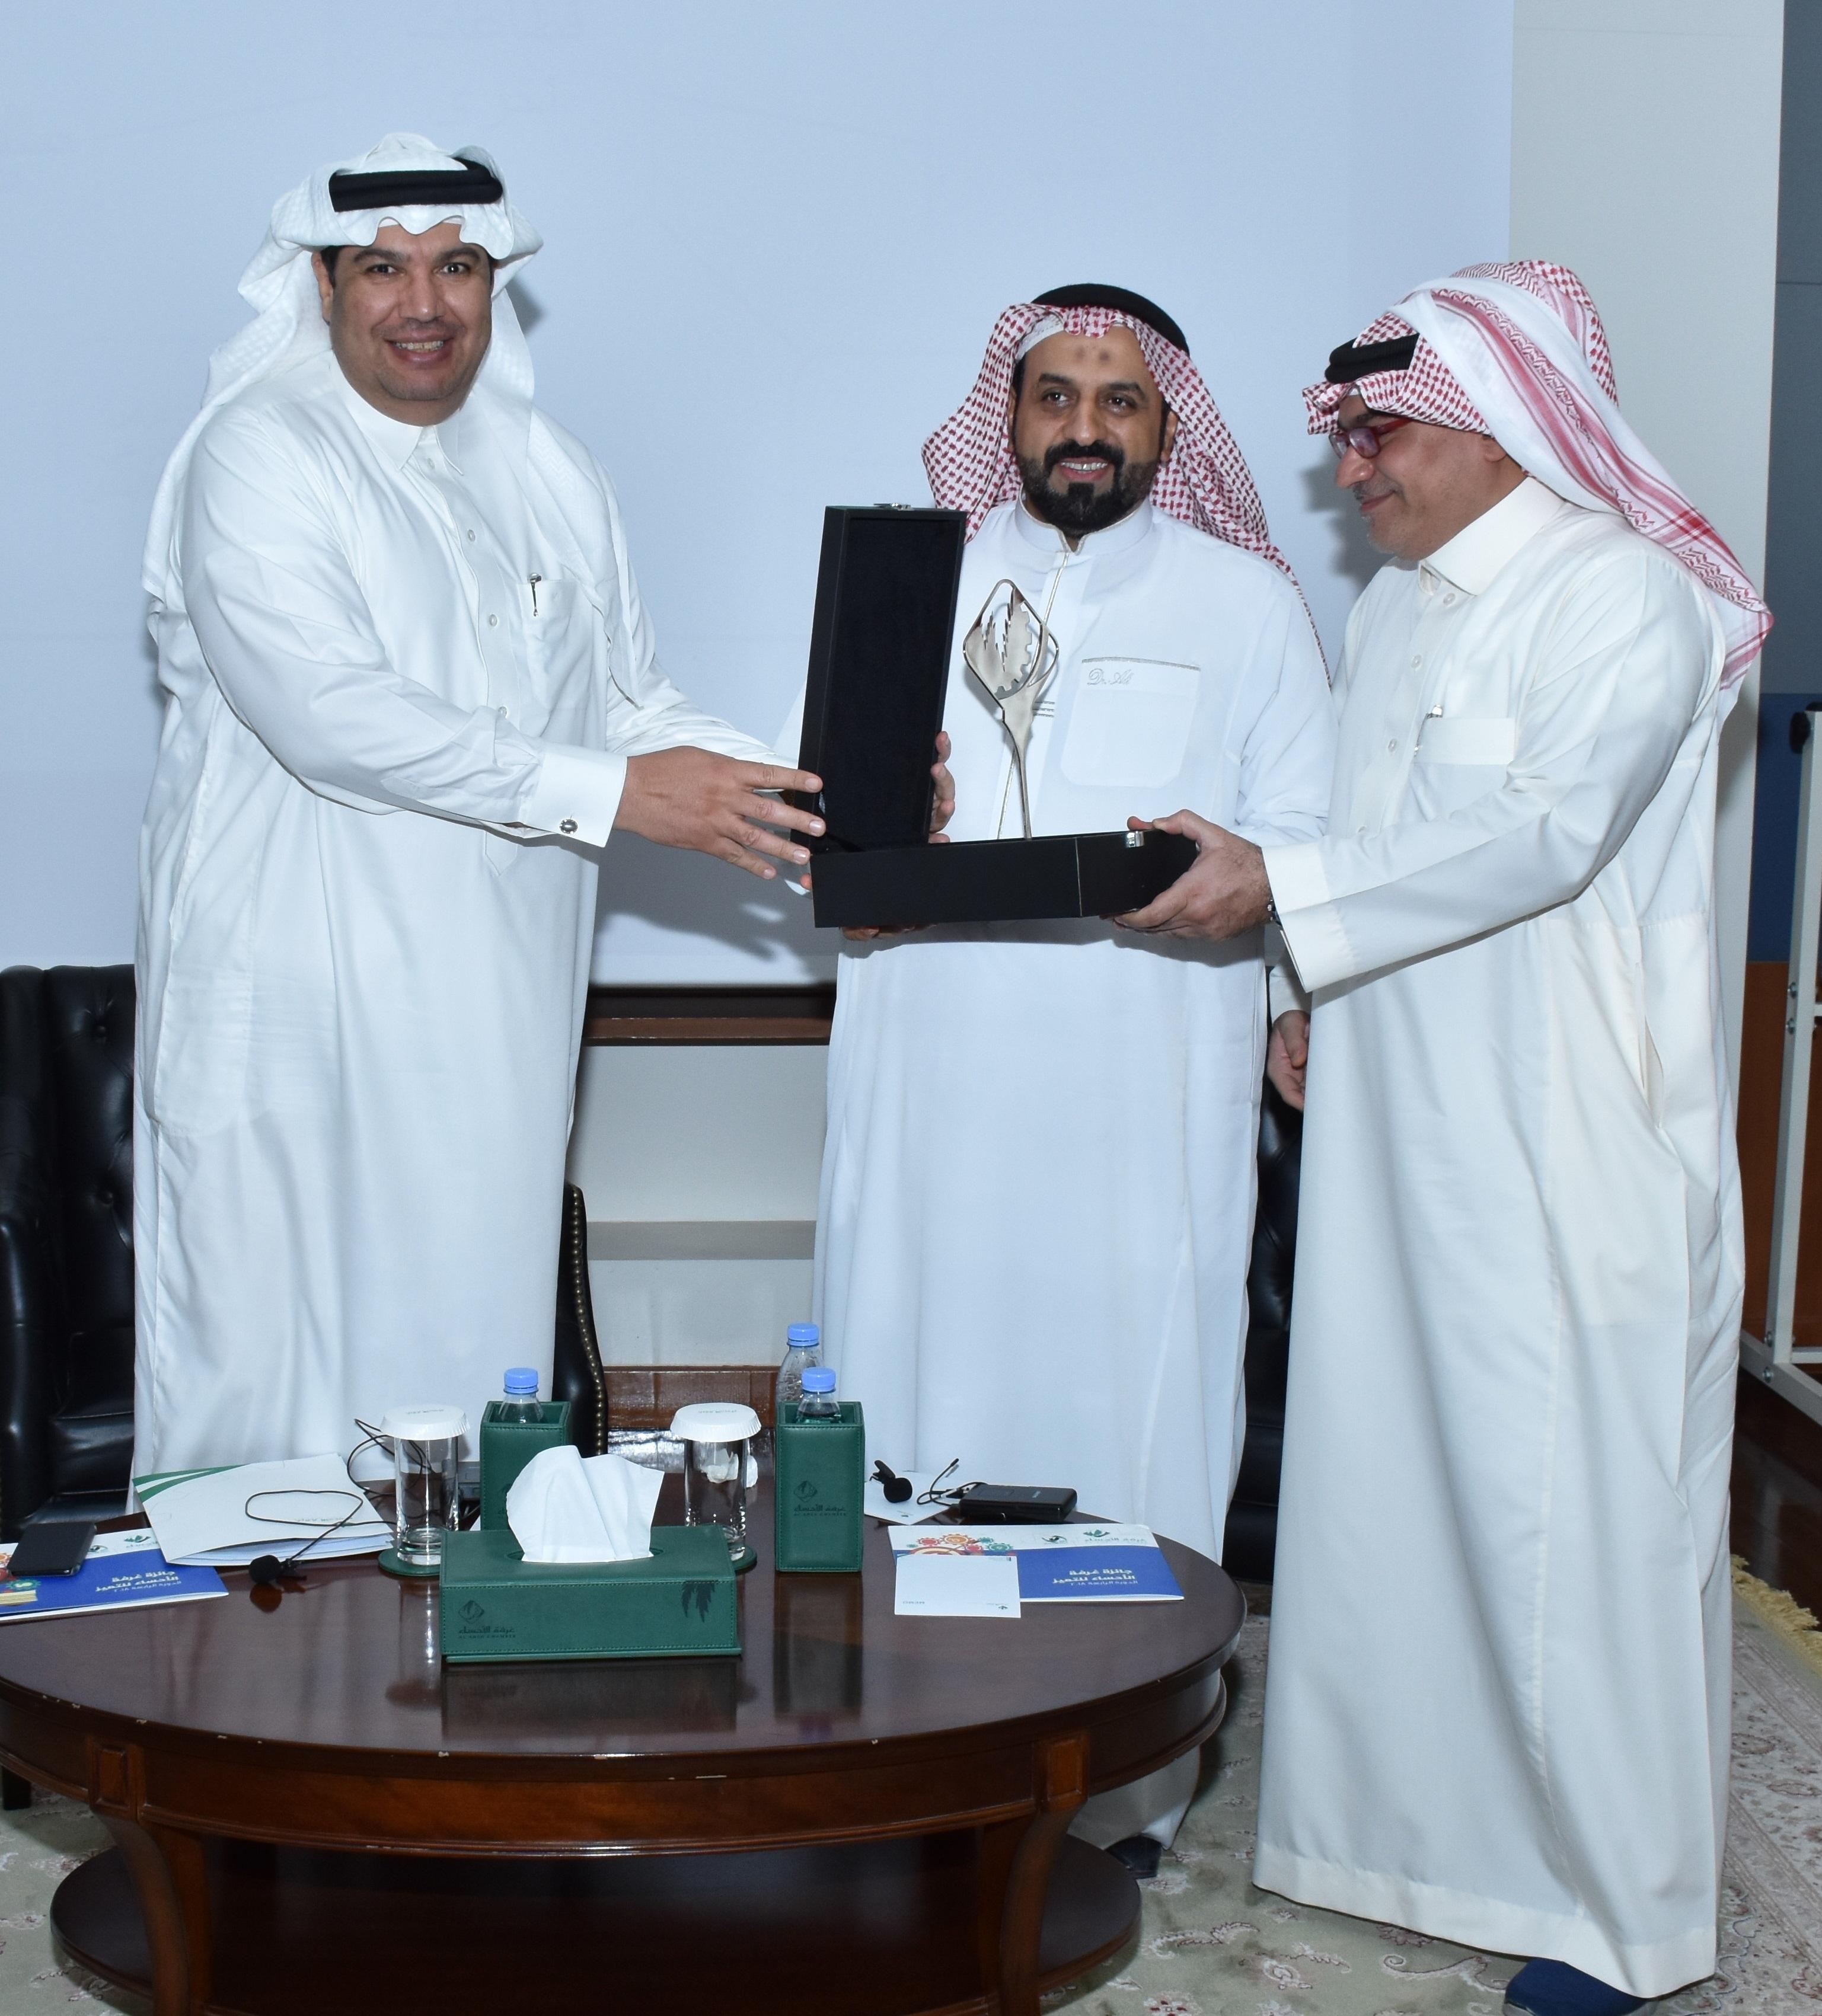 عضو مجلس الإدارة عماد الغدير يكرم المحاضر وبجانبه الطريفي رئيس اللجنة